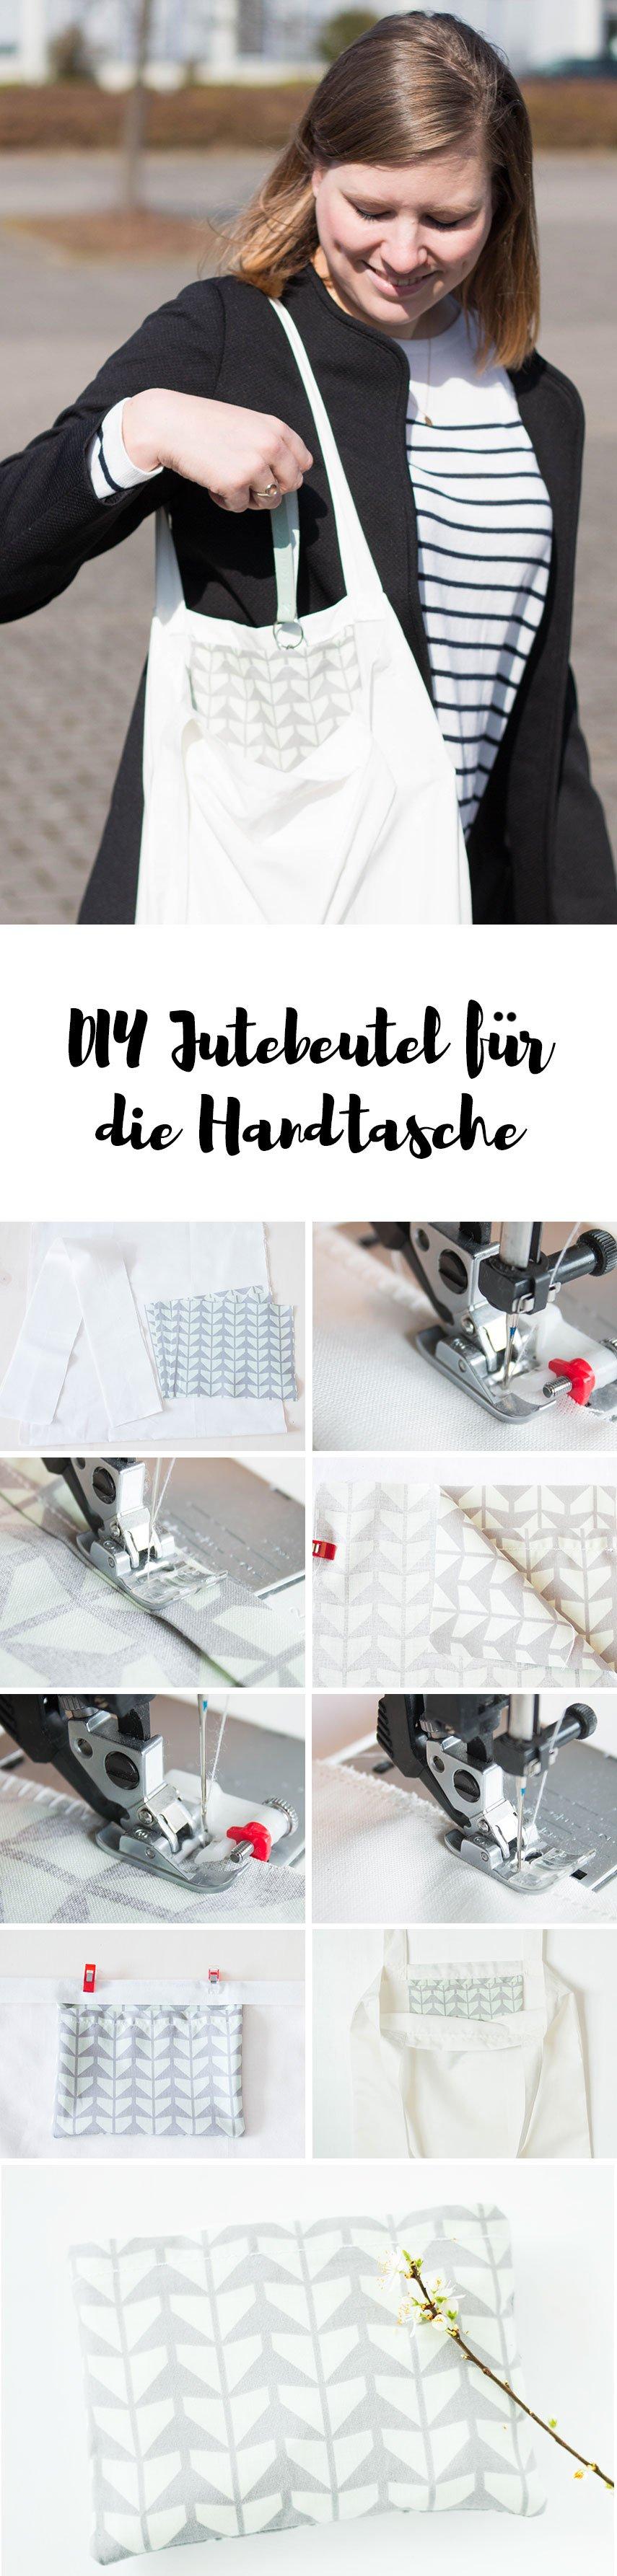 Faltbarer Jutebeutel für die Handtasche nähen - Anleitung für eine DIY Einkaufstasche